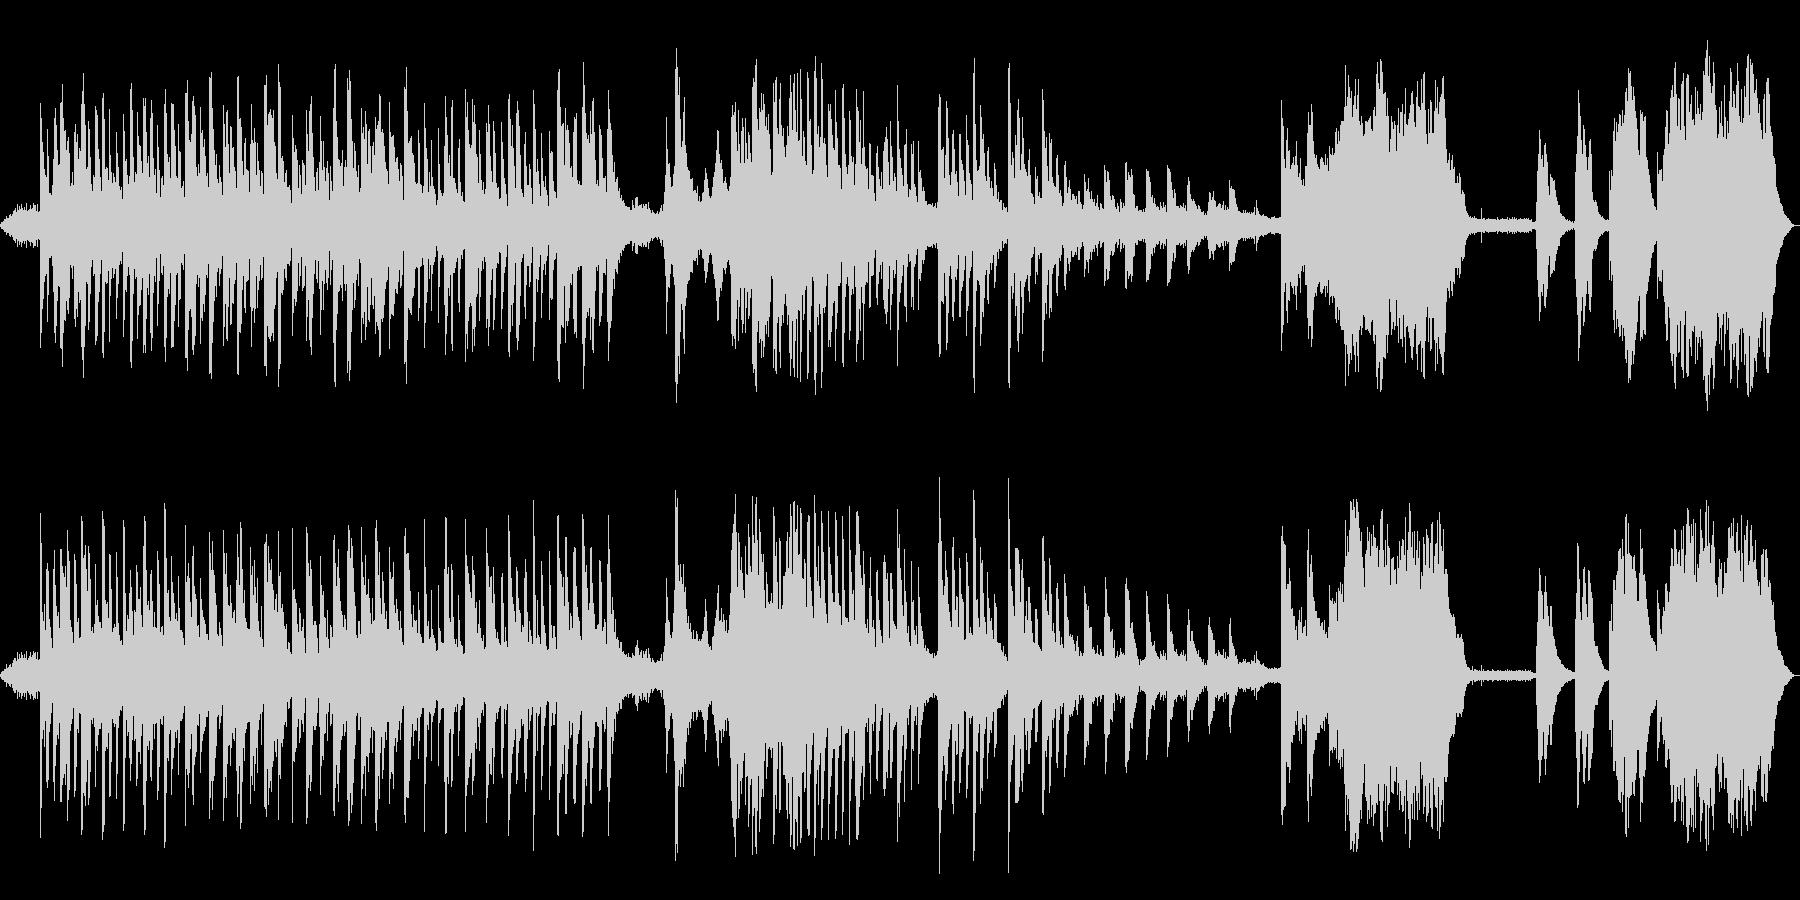 控えめに響く、澄んだ音色のピアノの未再生の波形